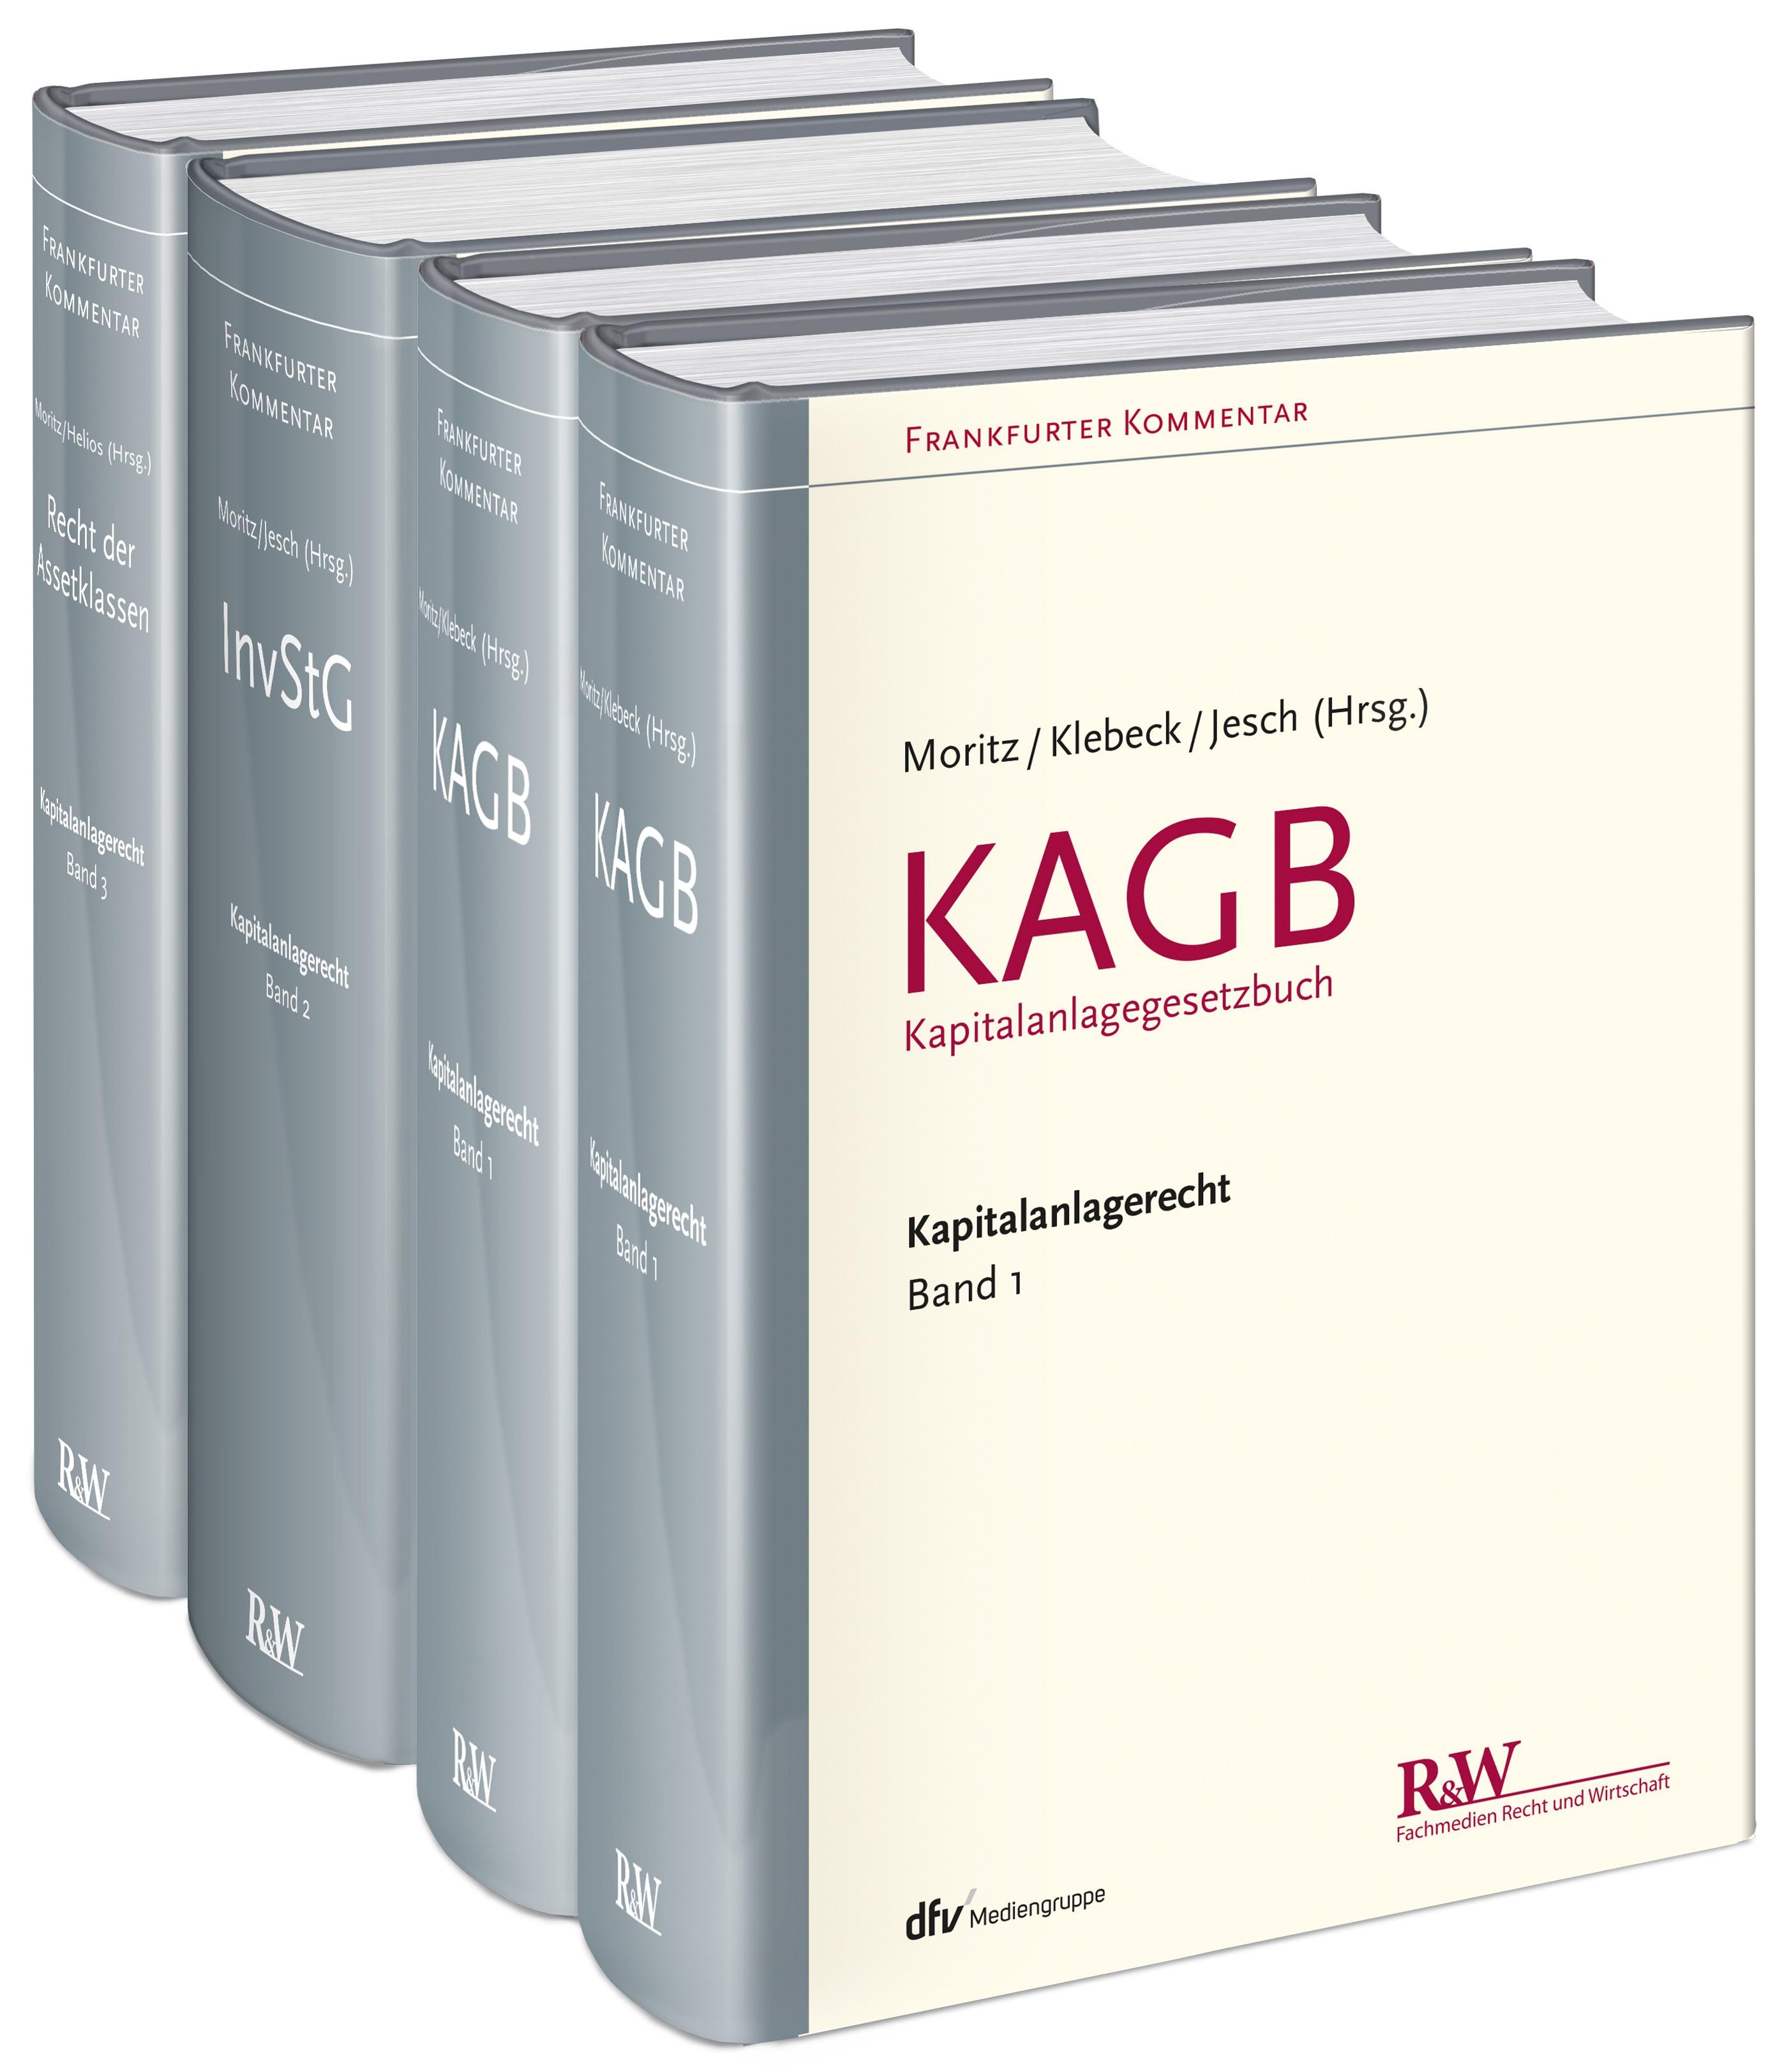 Frankfurter Kommentar zum Kapitalanlagerecht | Moritz / Jesch / Klebeck / Helios (Hrsg.), 2016 | Buch (Cover)